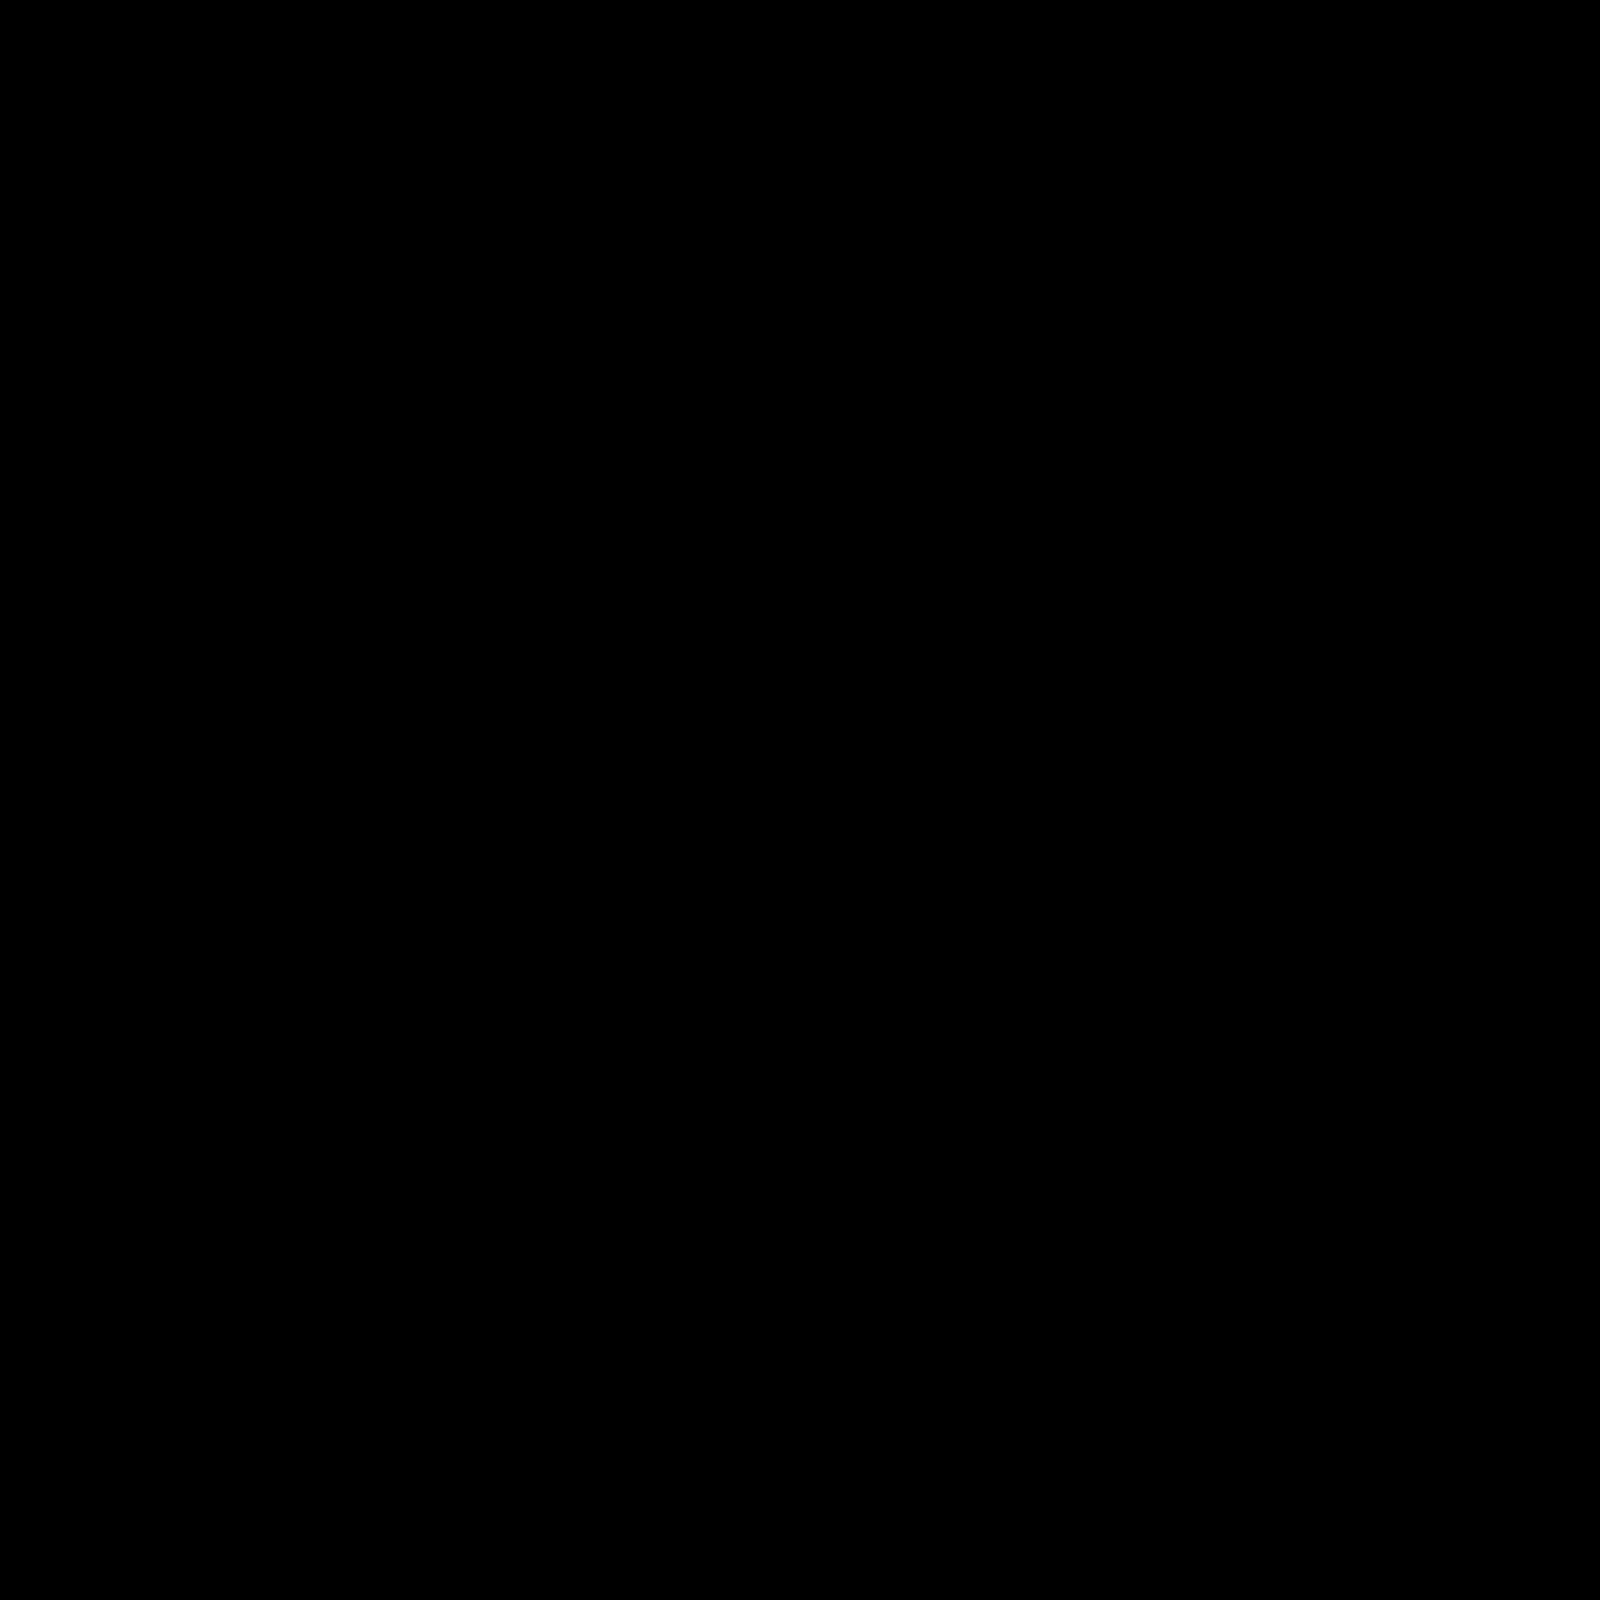 Właściwości tabeli icon